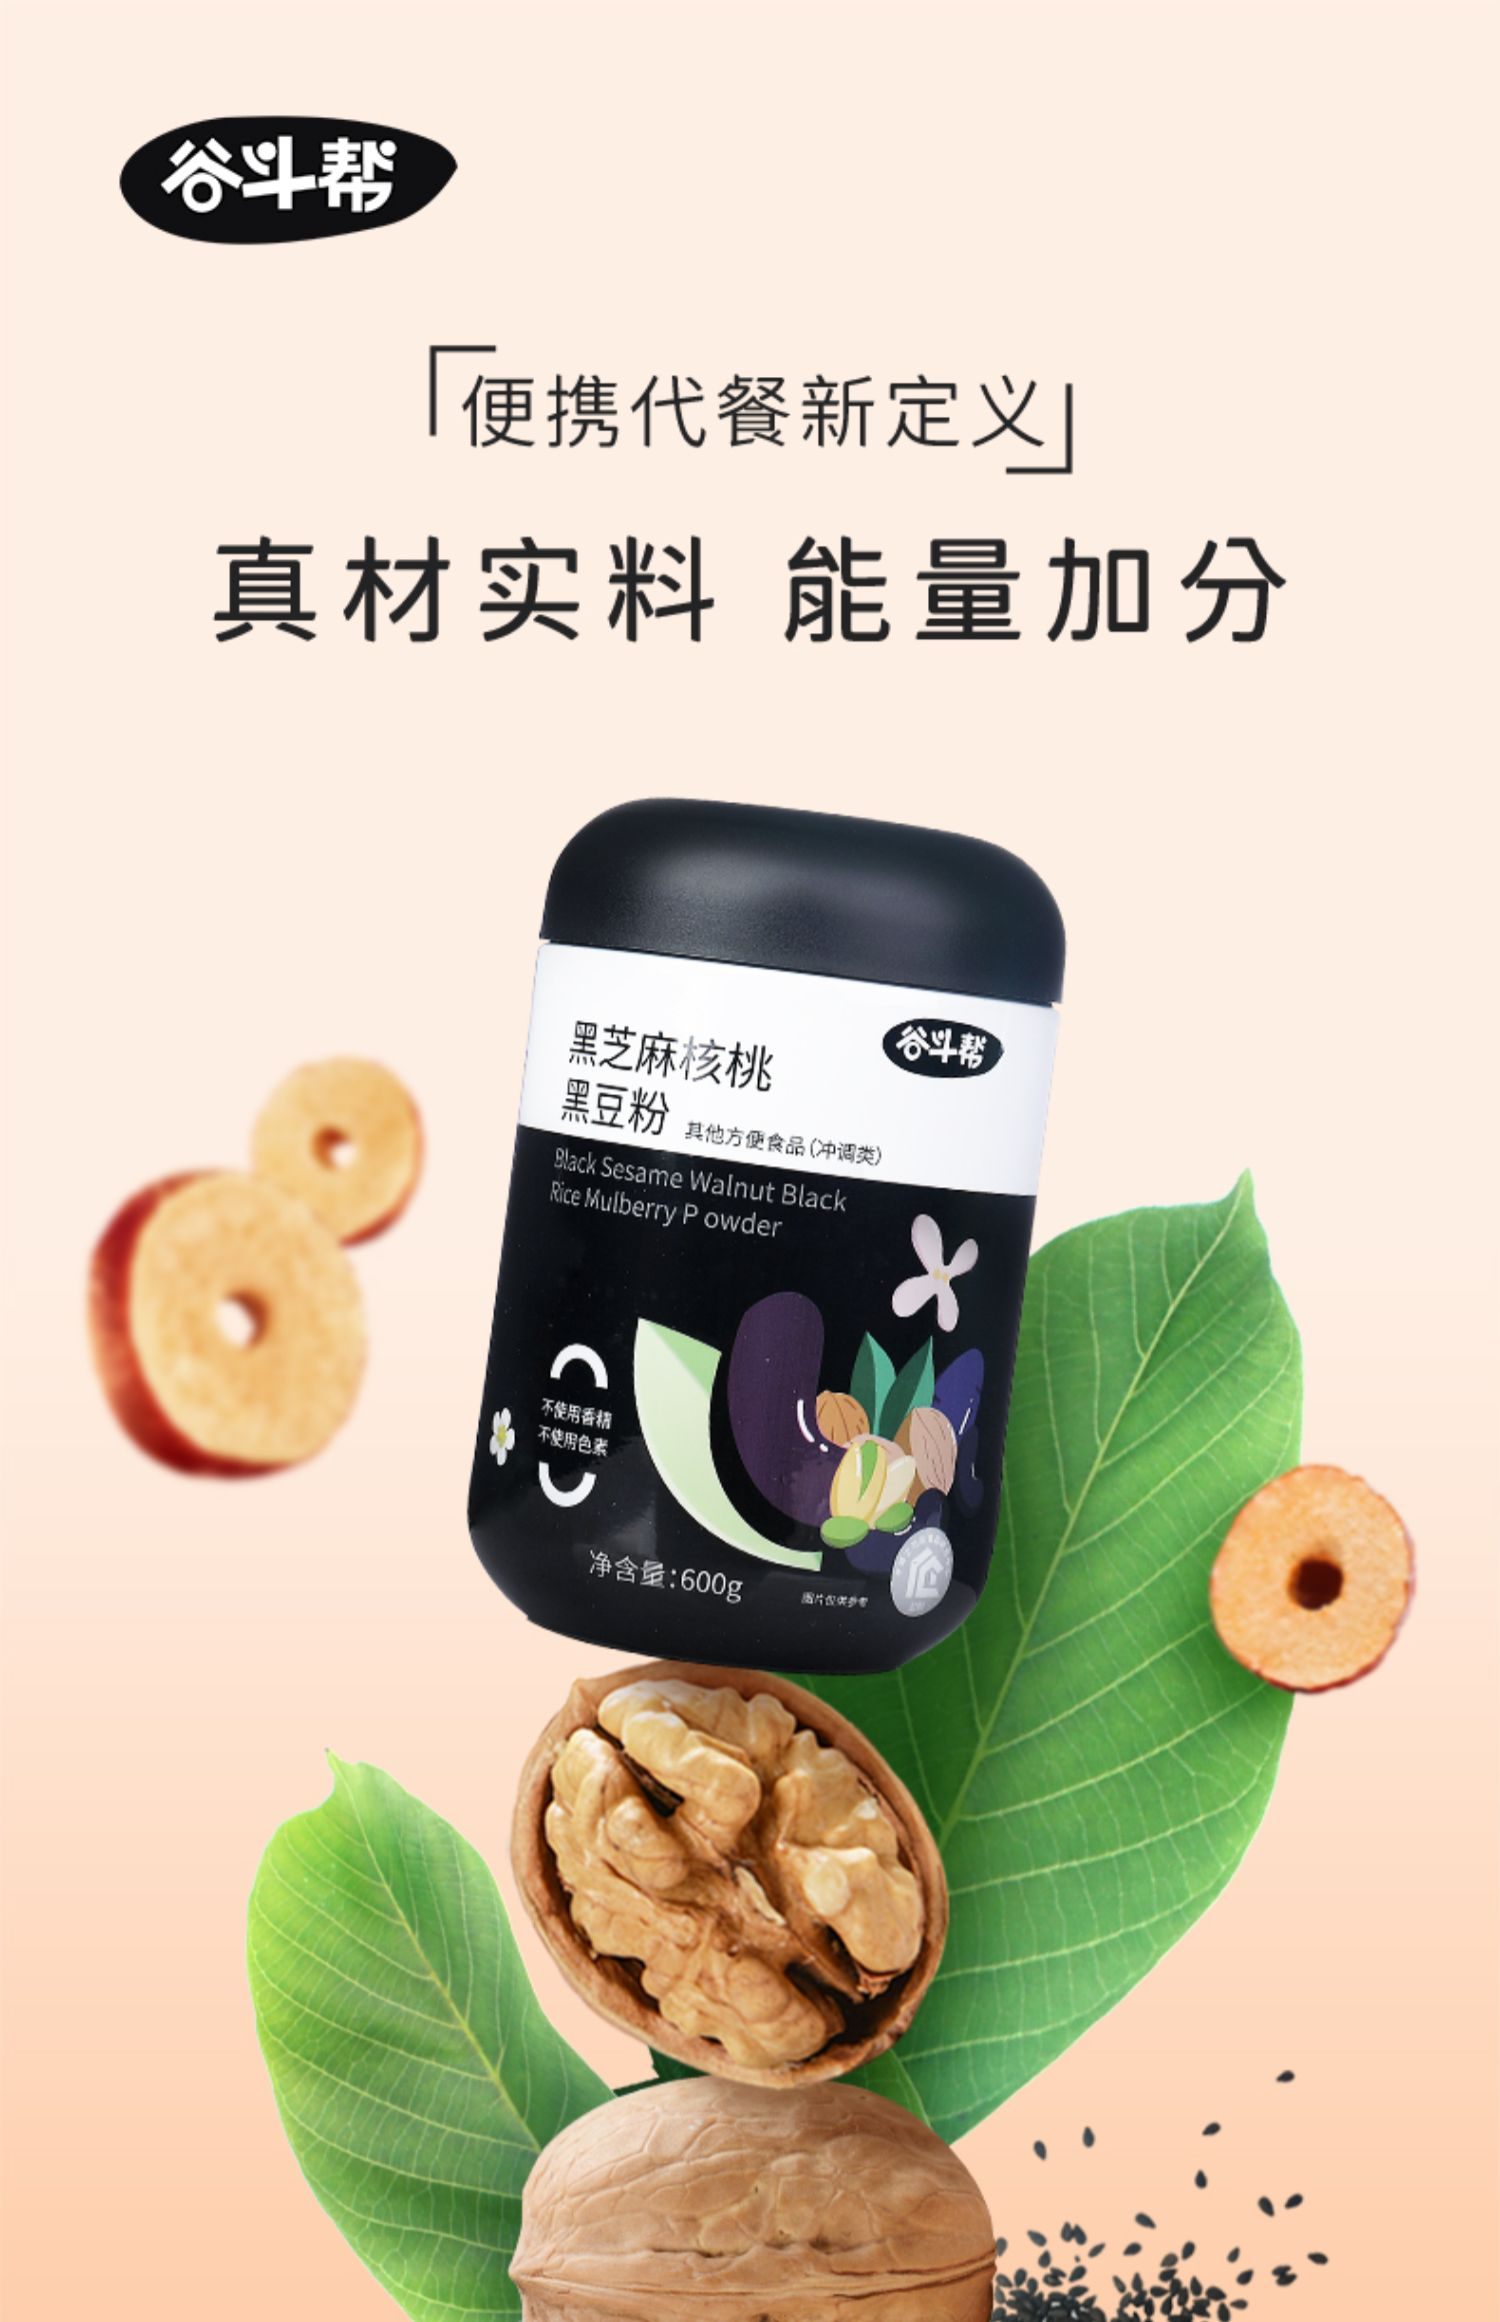 【谷斗帮】黑芝麻糊核桃黑豆粉300g